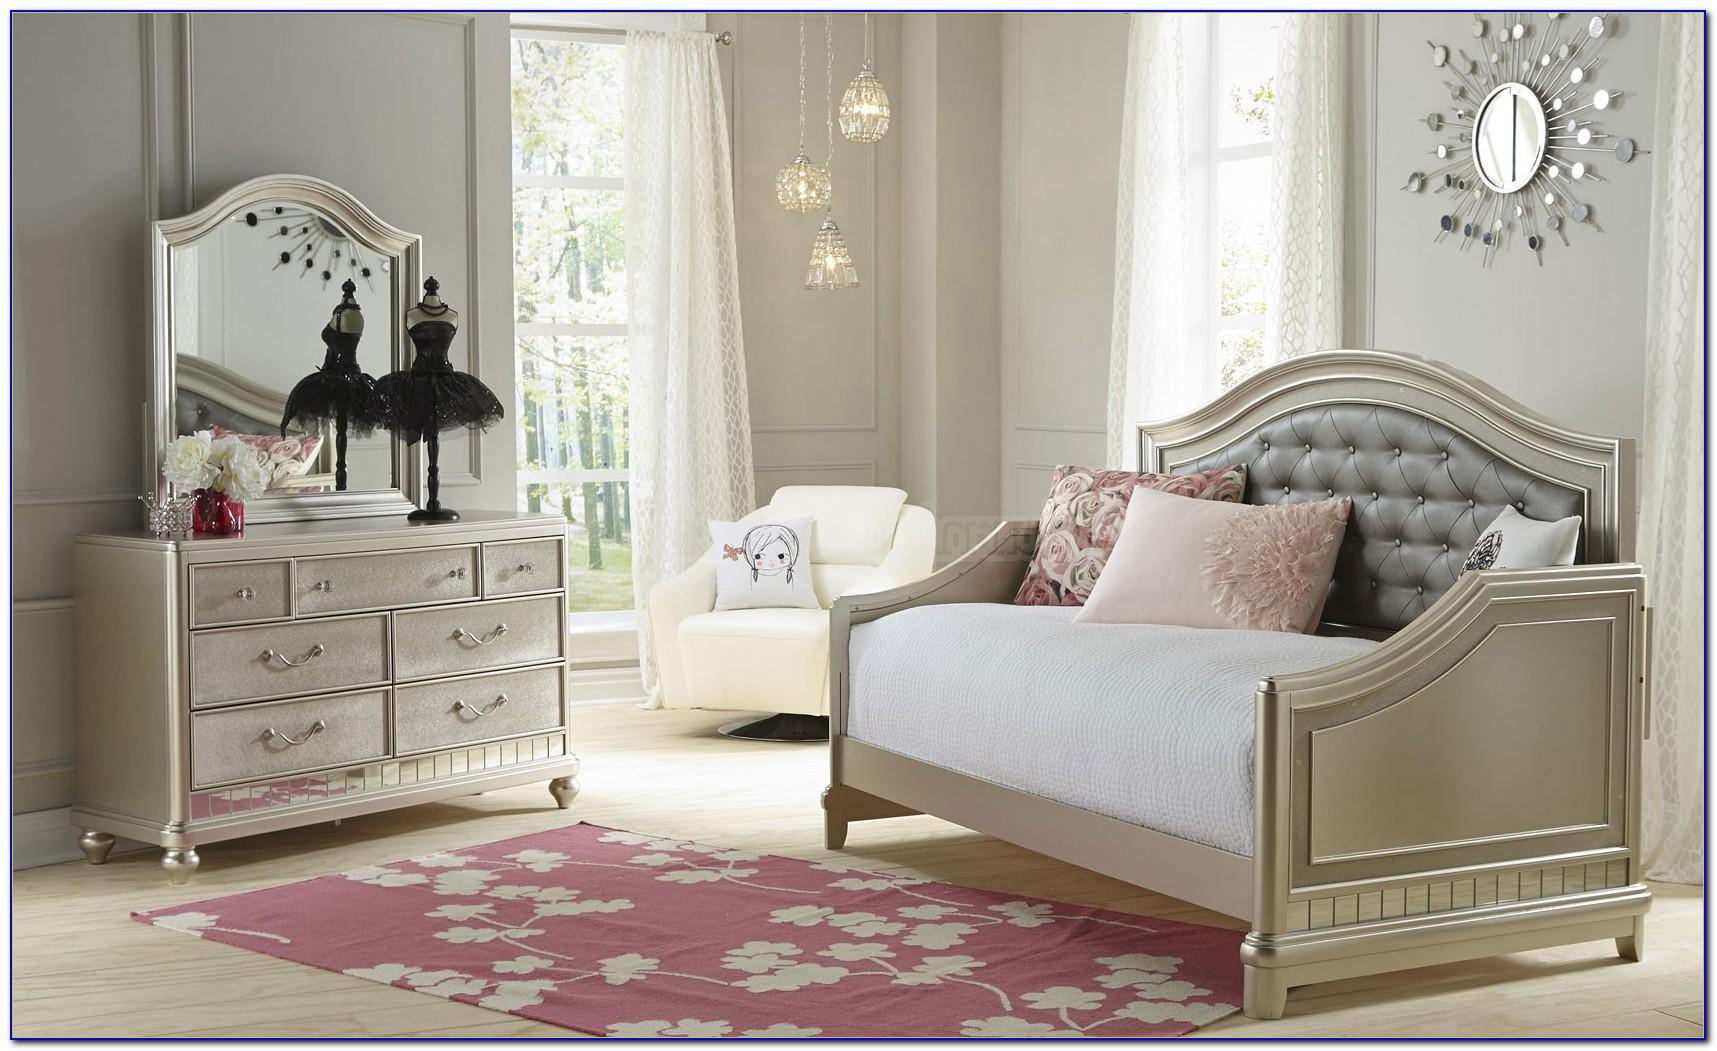 Daybed Bedroom Furniture Sets